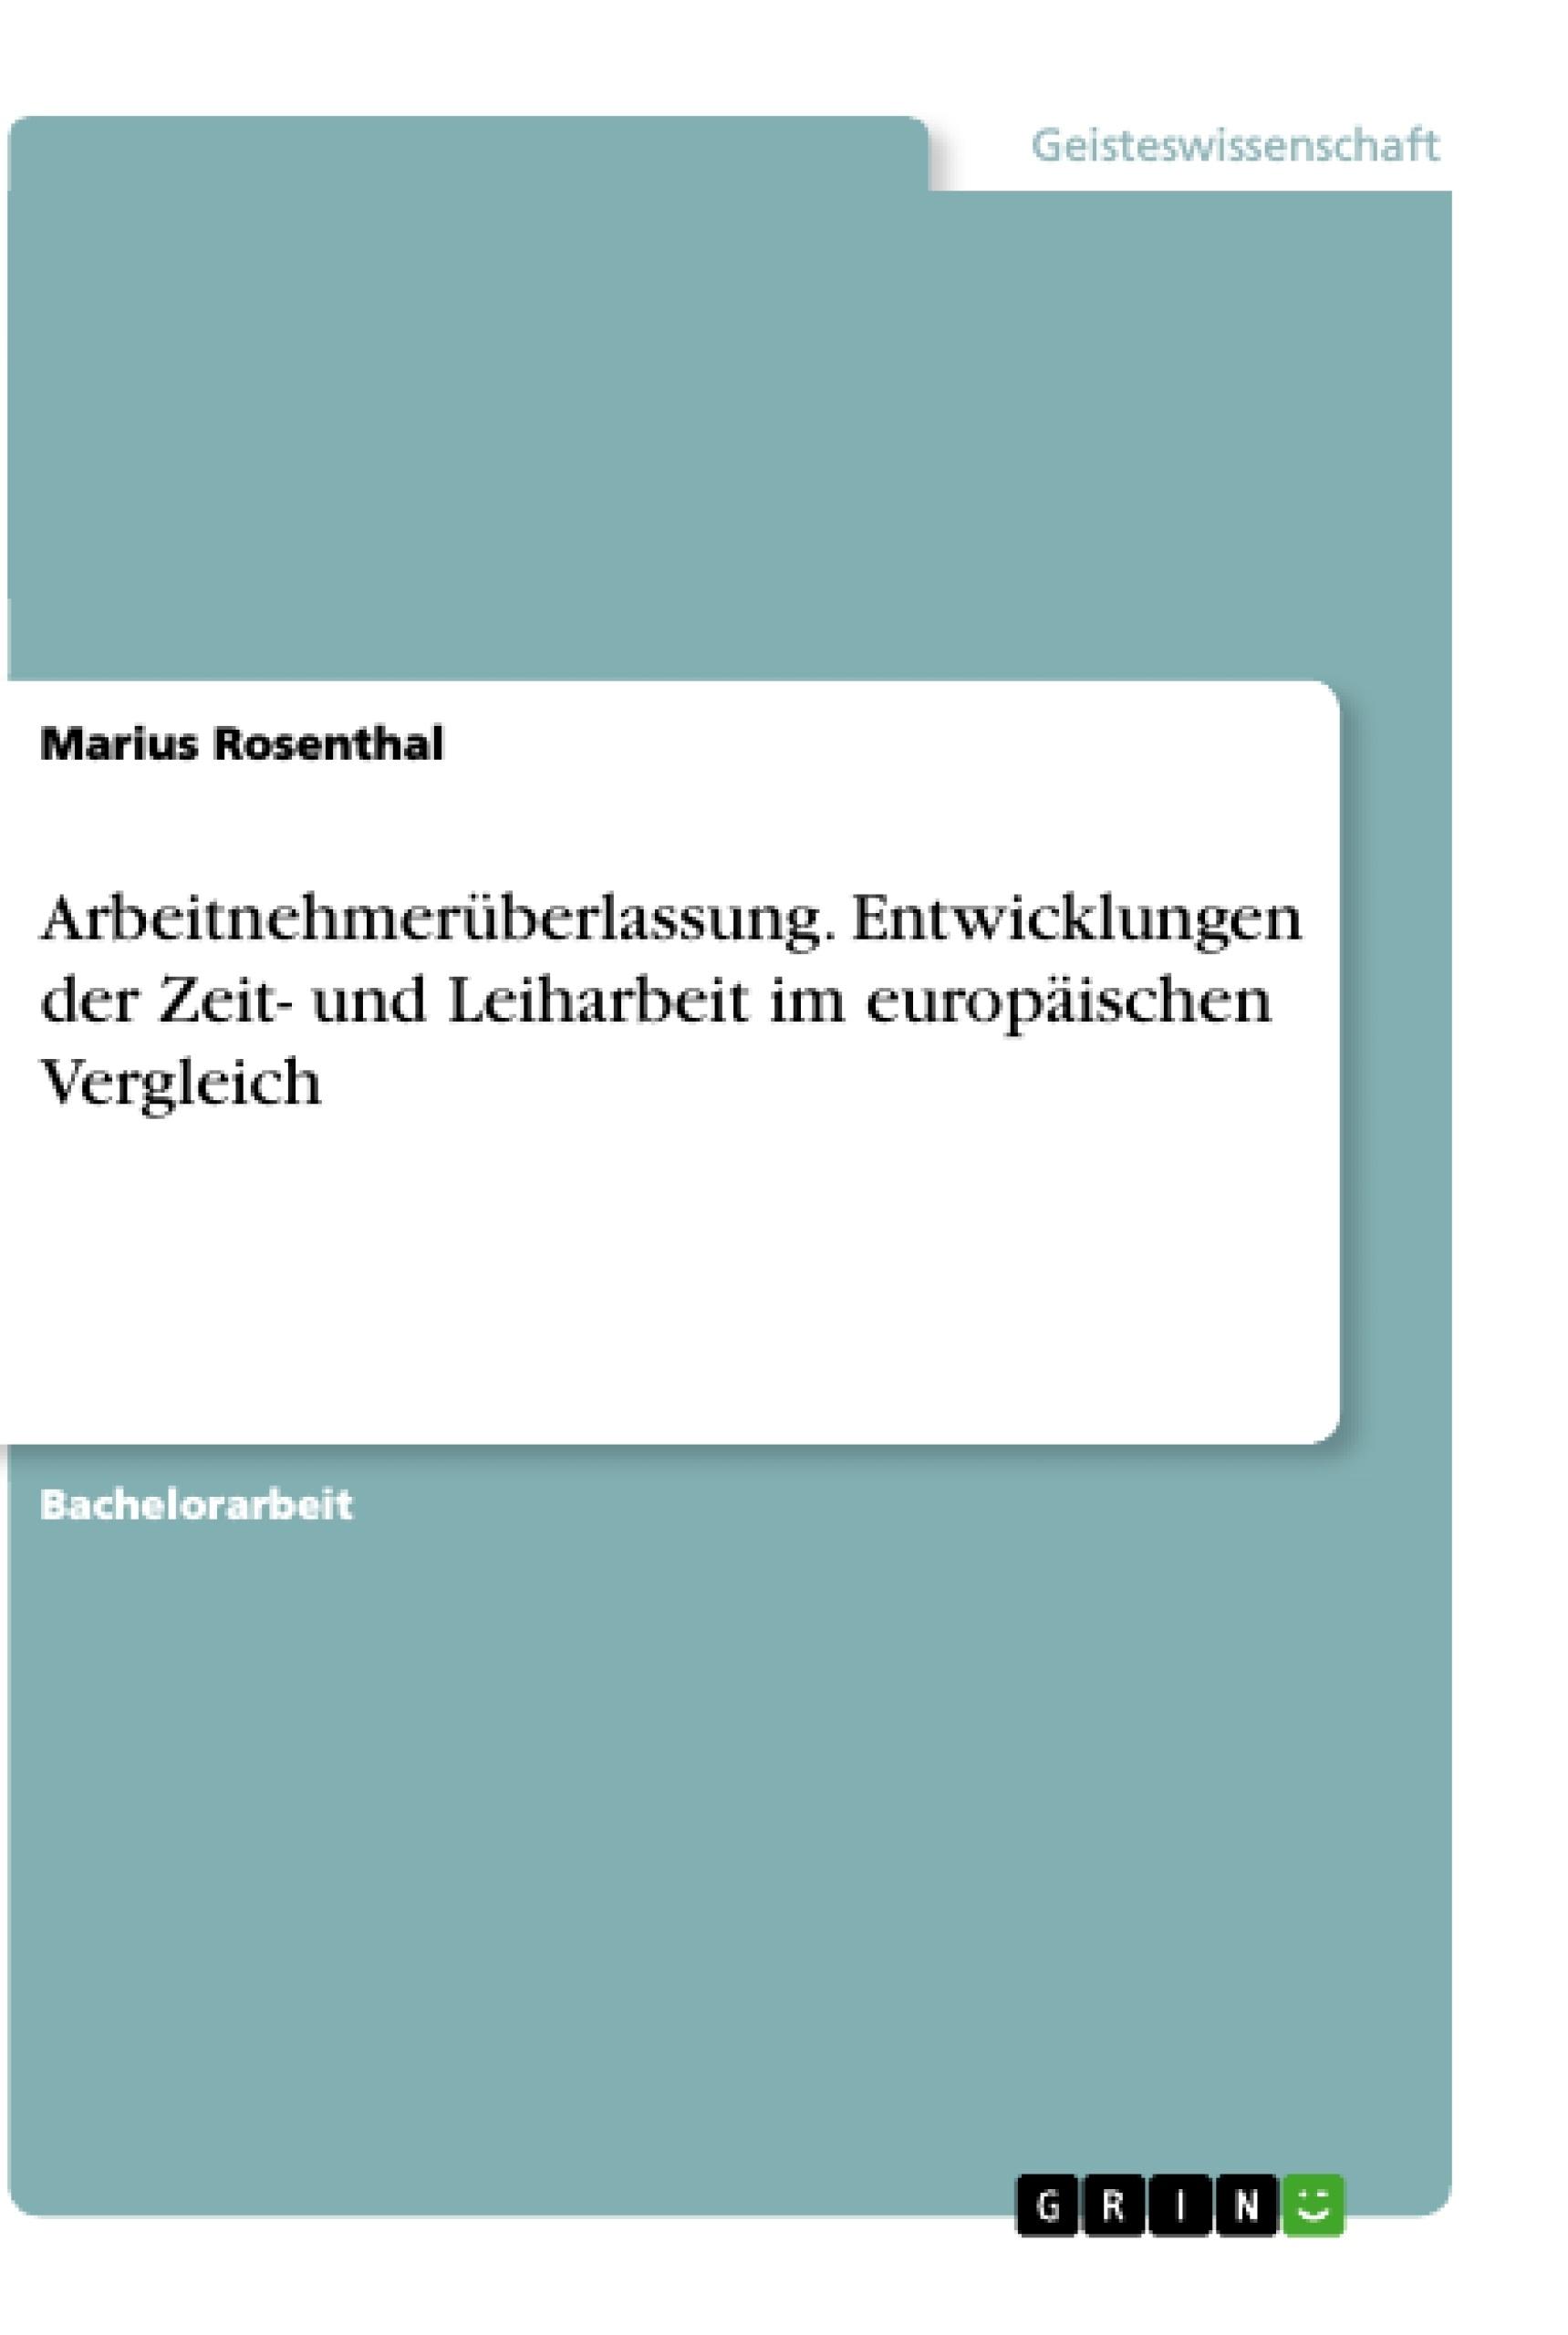 Titel: Arbeitnehmerüberlassung. Entwicklungen der Zeit- und Leiharbeit im europäischen Vergleich